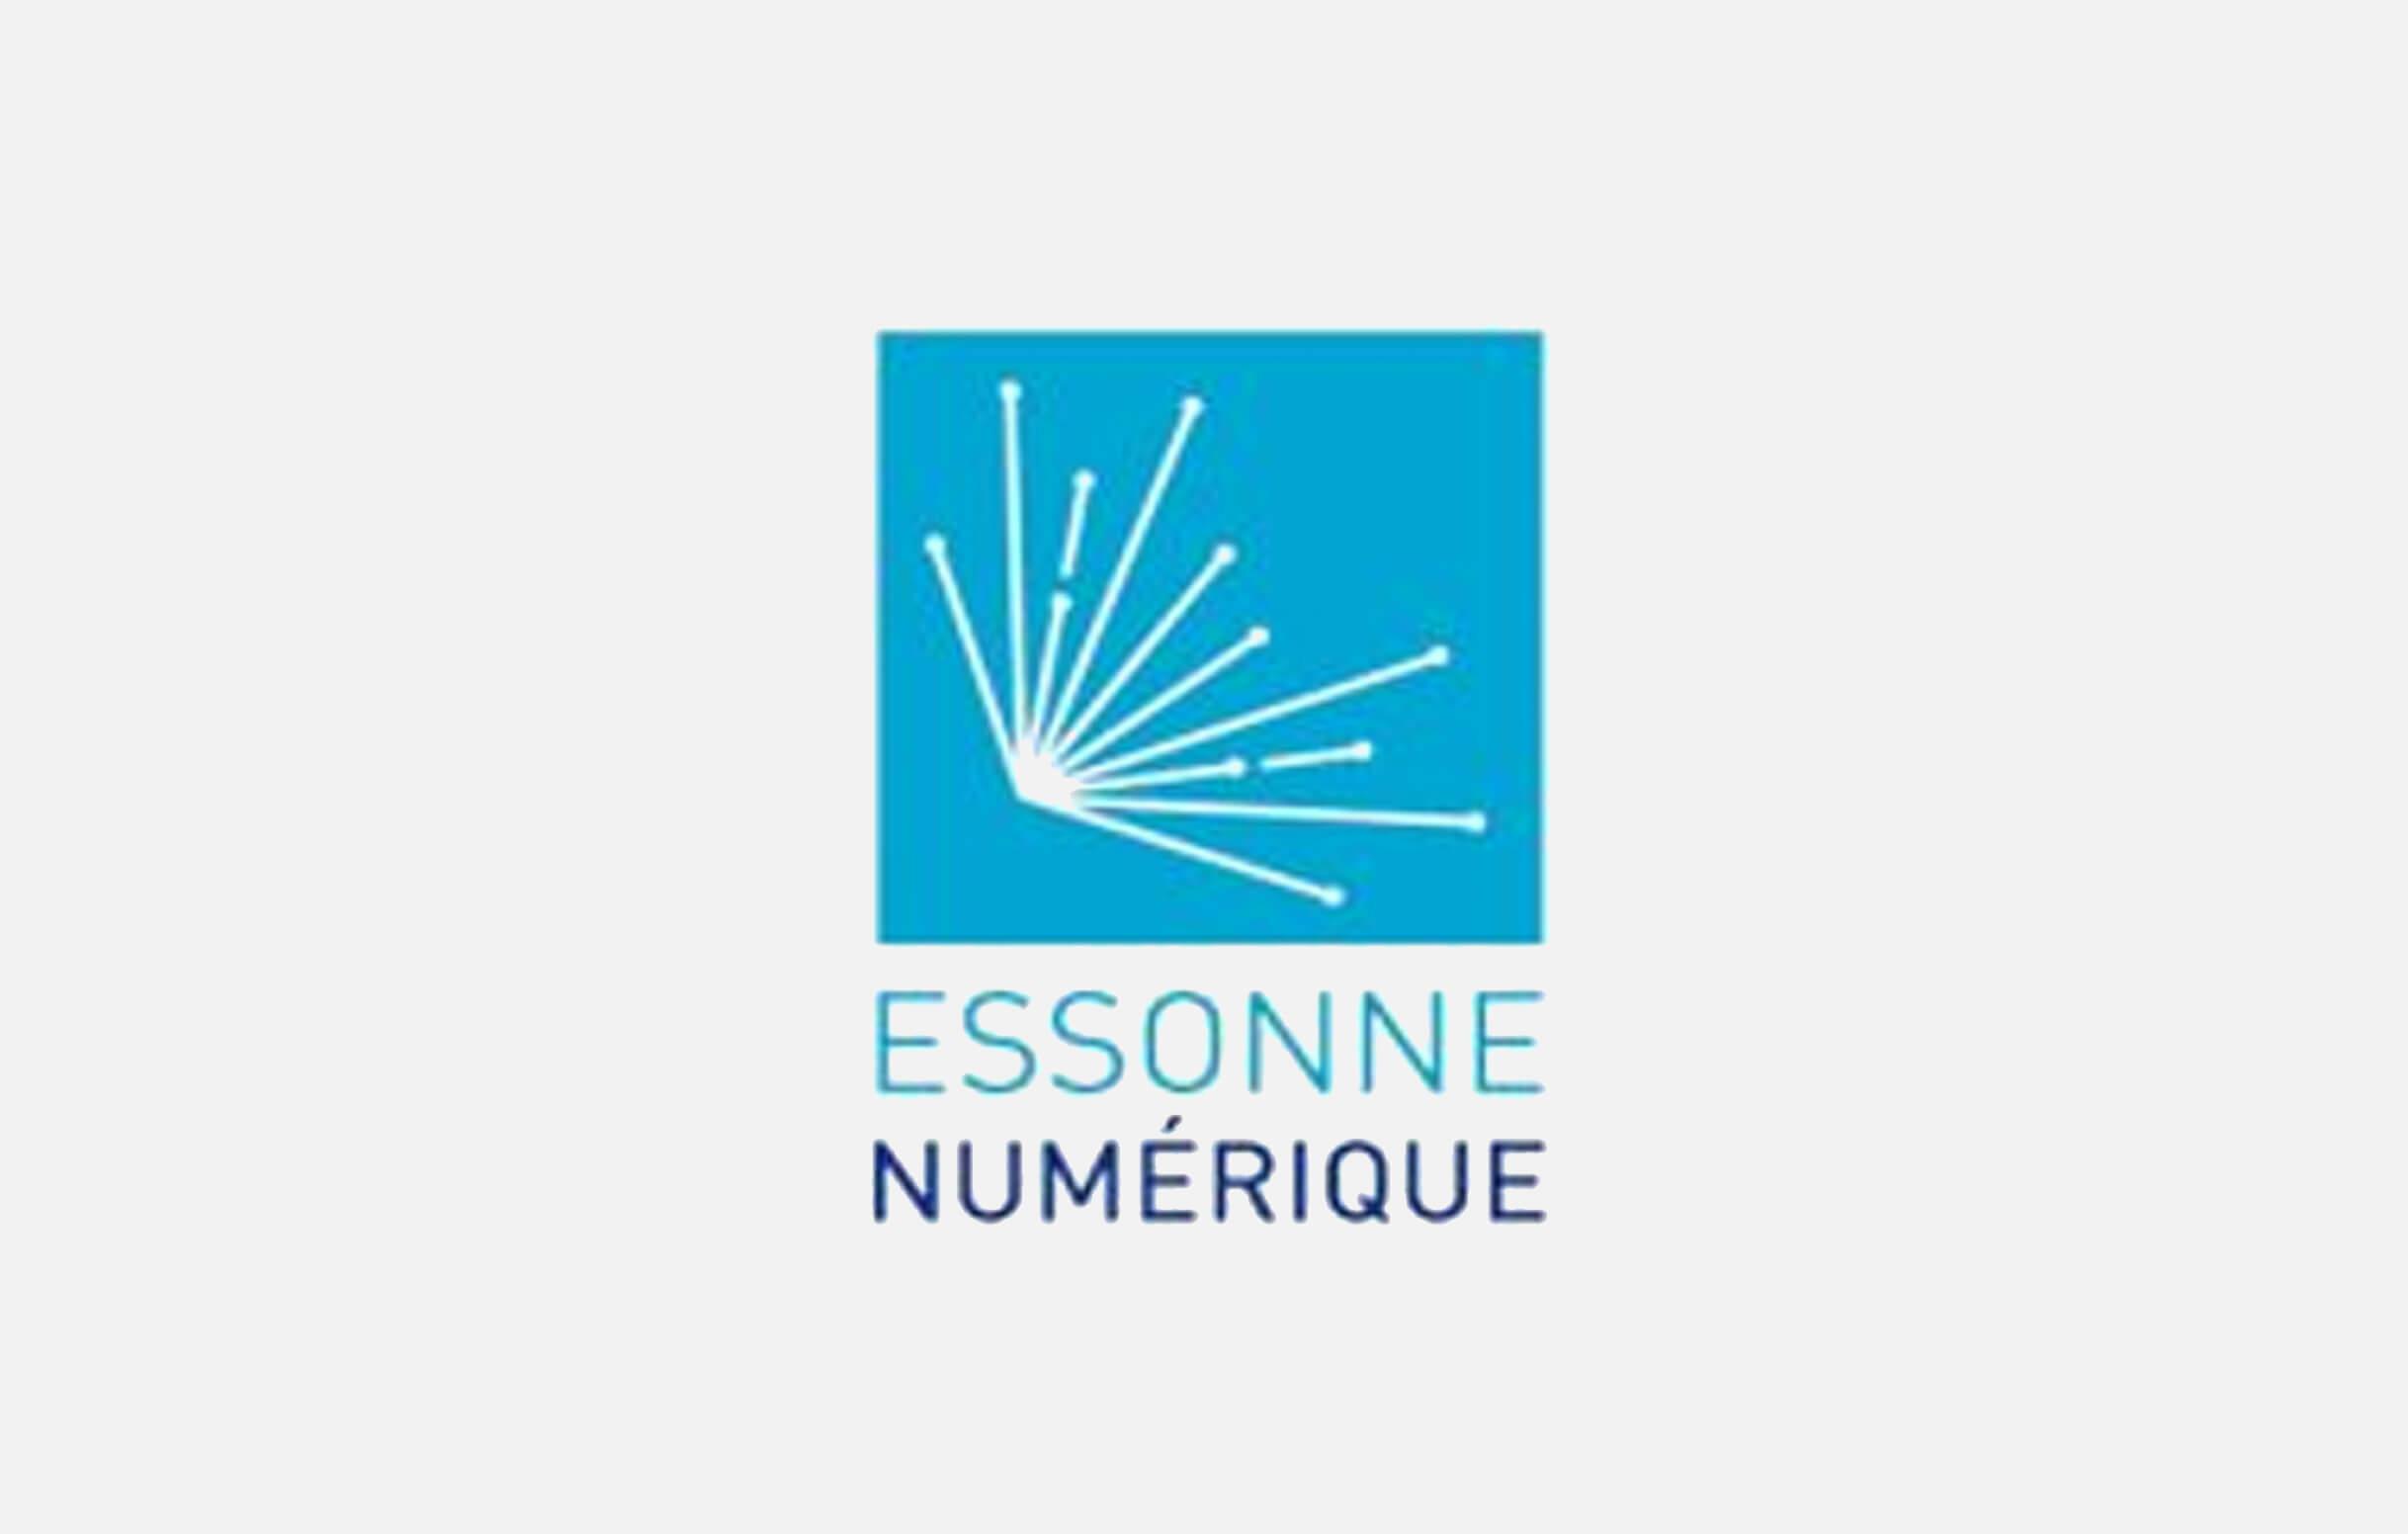 Essonne Numérique - Tactis